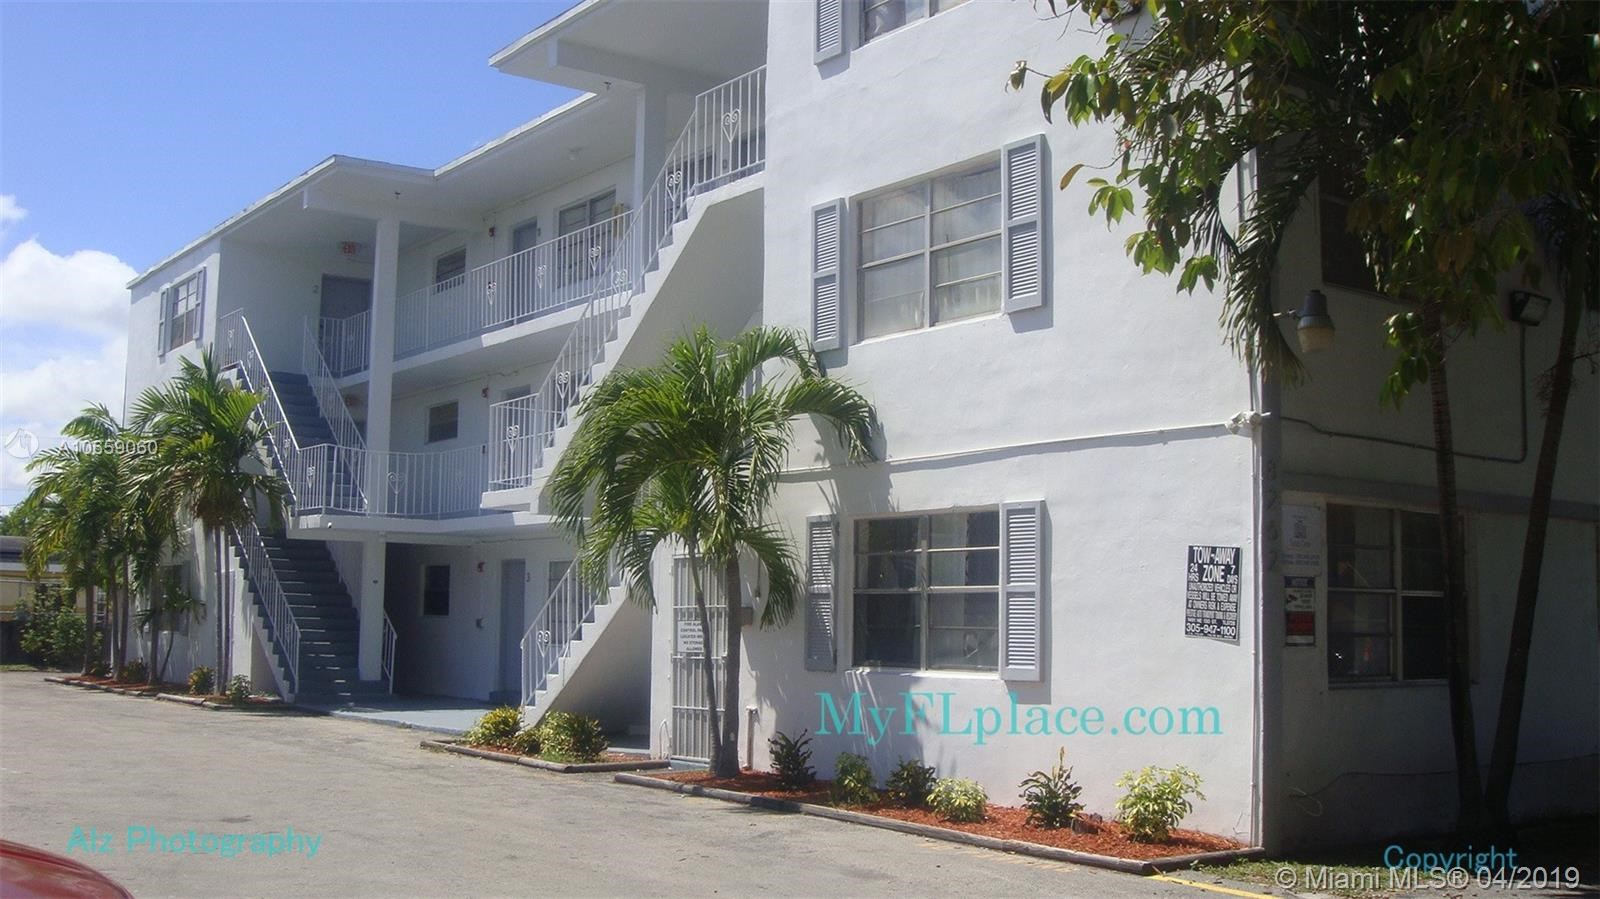 8262 NE 1st Ave, Miami, FL 33138